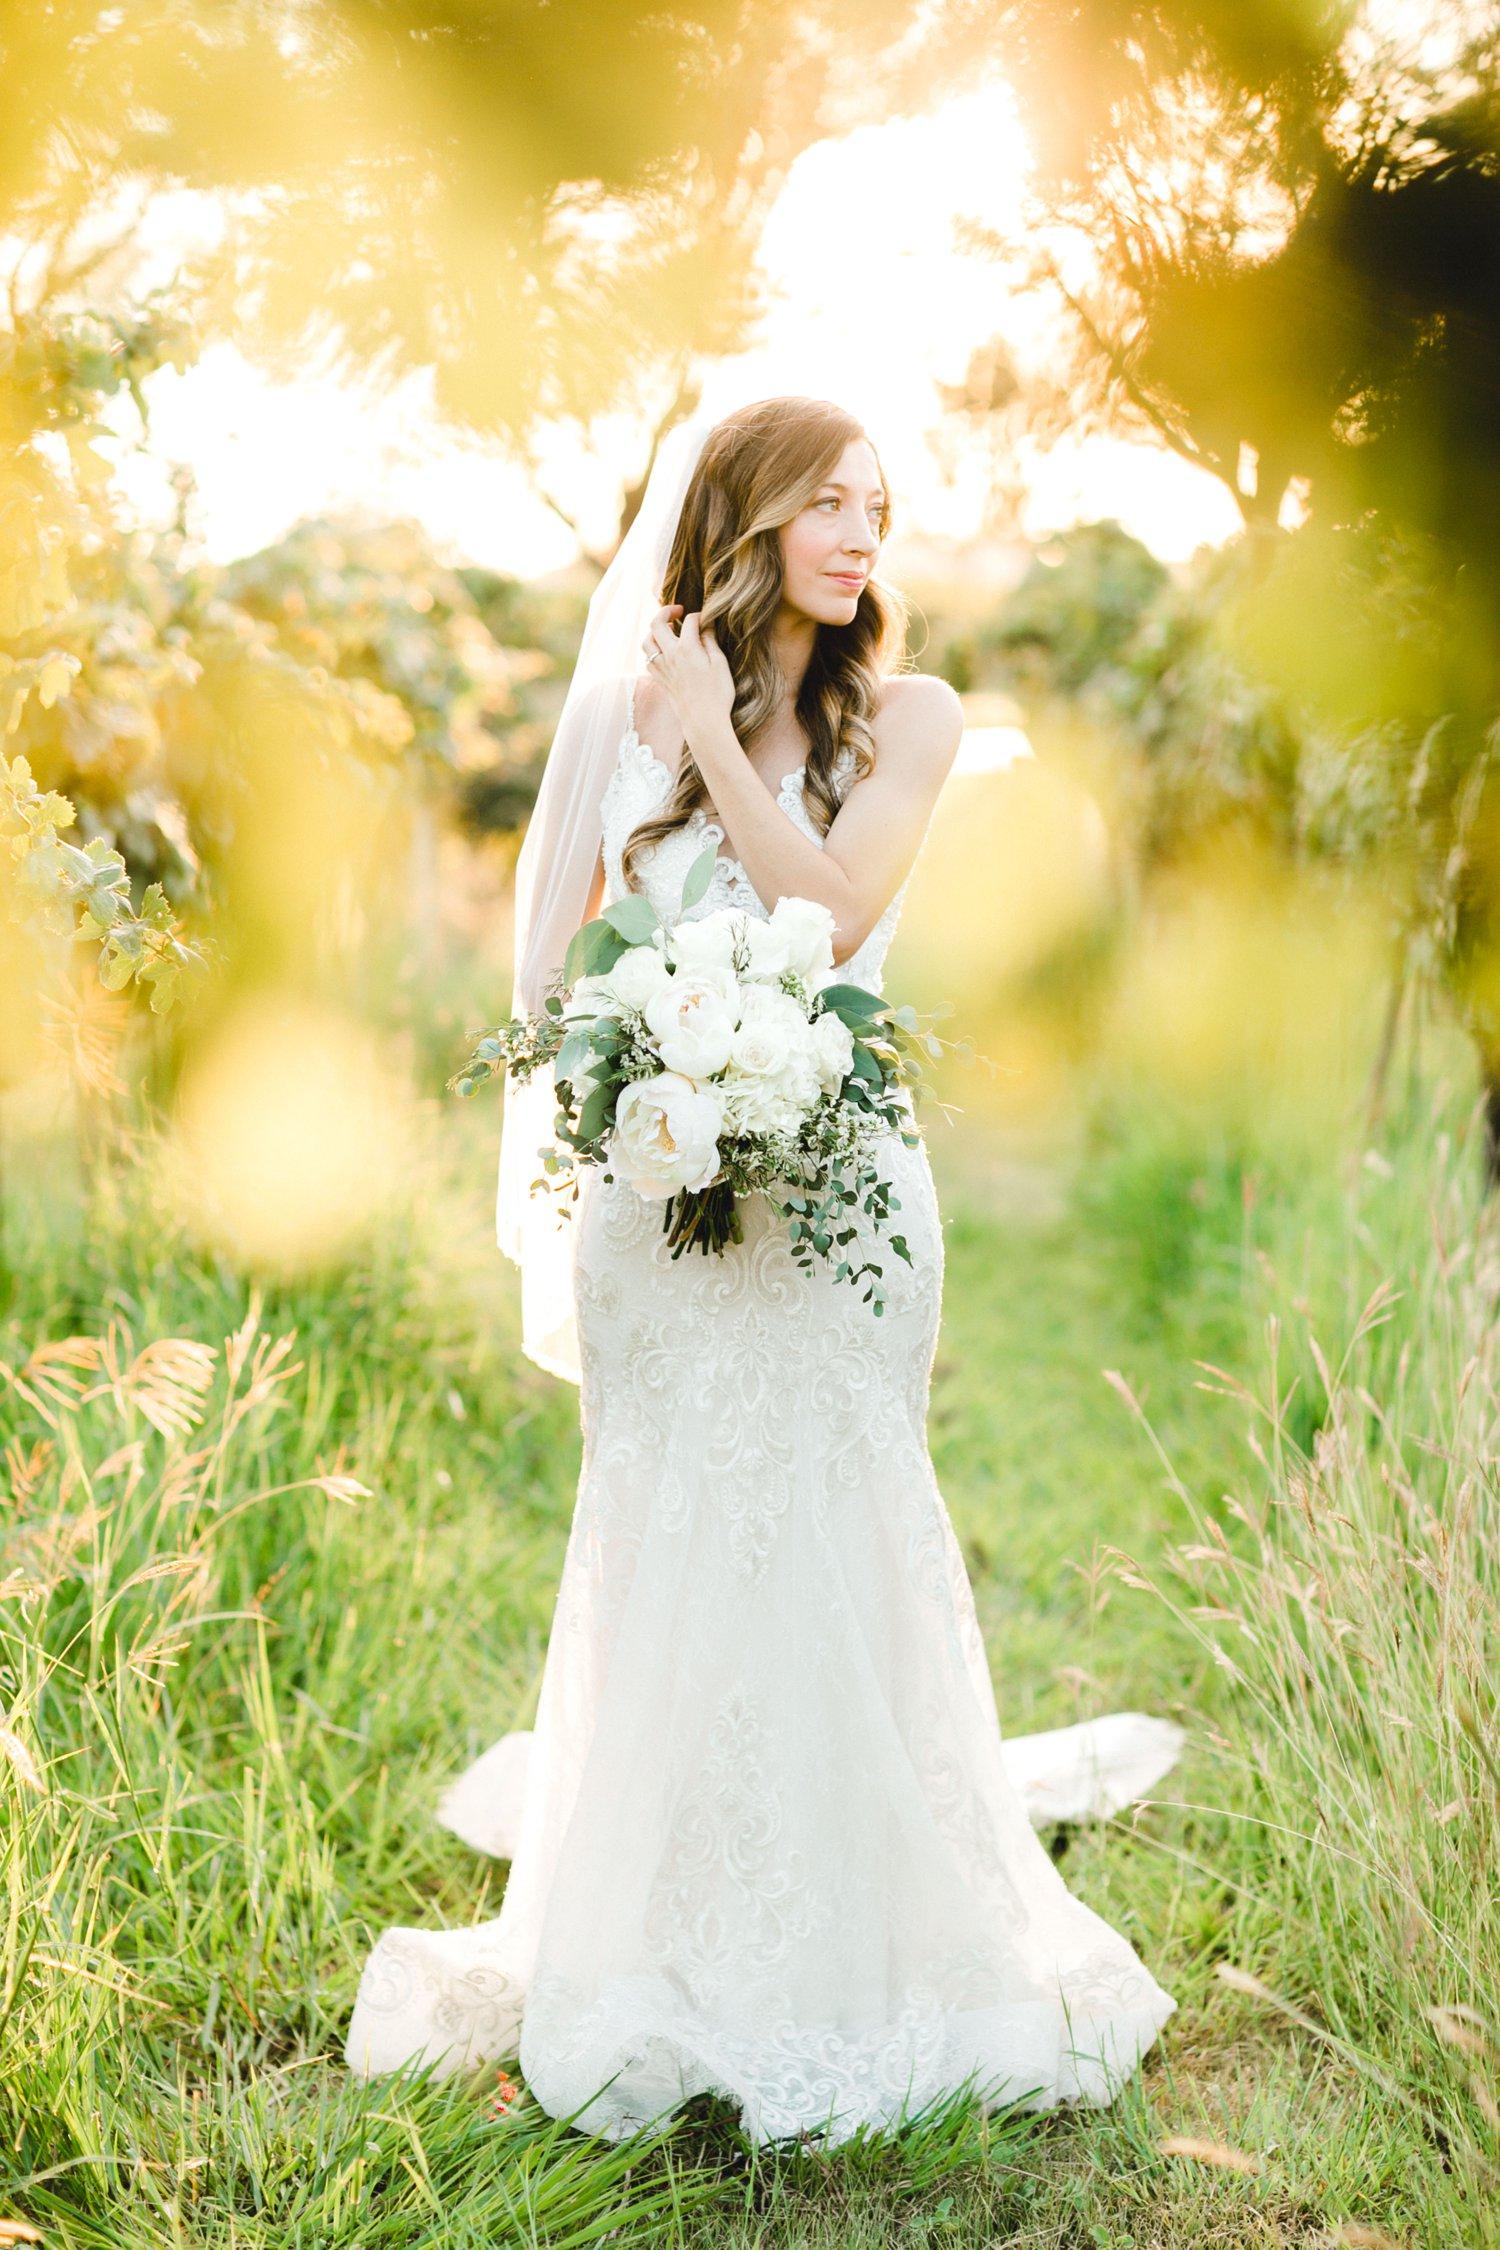 Ashley_Parr_Bridals_ALLEEJ_caprock_winery_romantic_elegant0020.jpg